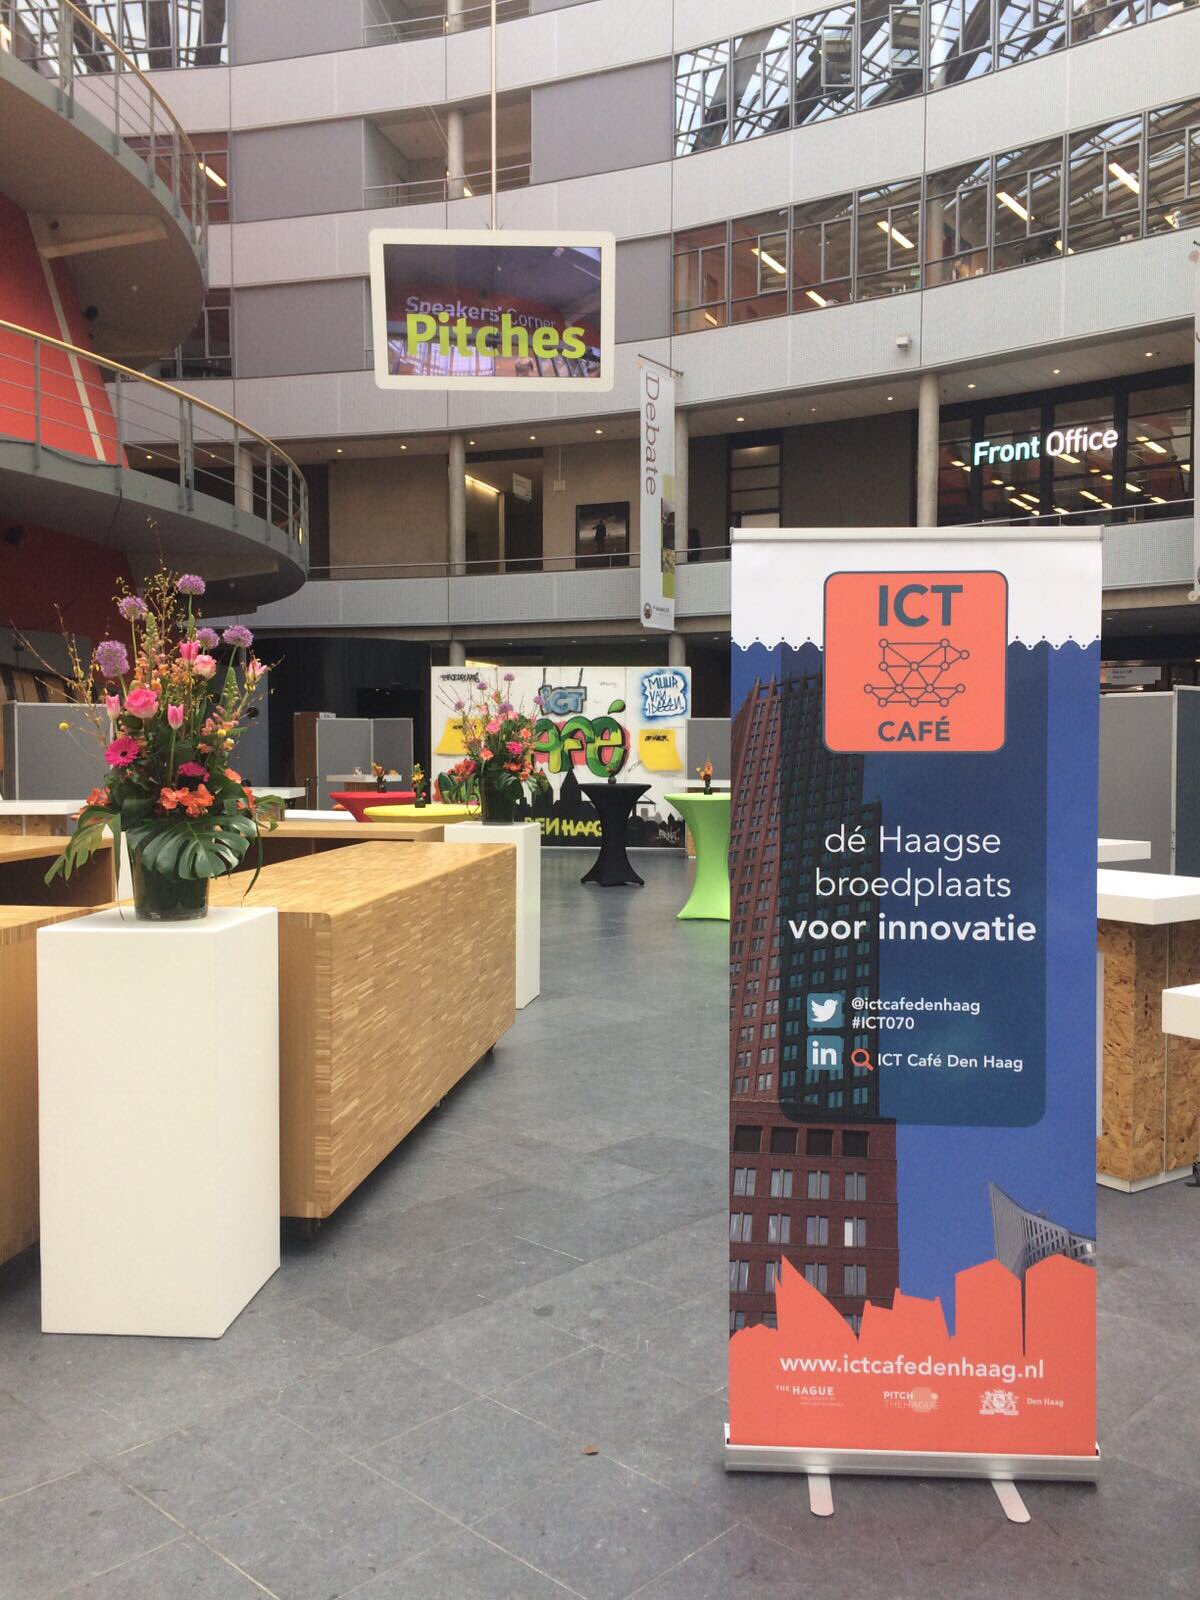 Nog een uurtje voordat het #ICTCafé begint met het symposium. Wij zijn er klaar voor, tot straks! #ICT070 #digitalisering #onderwijs https://t.co/XYQxSqiGi0